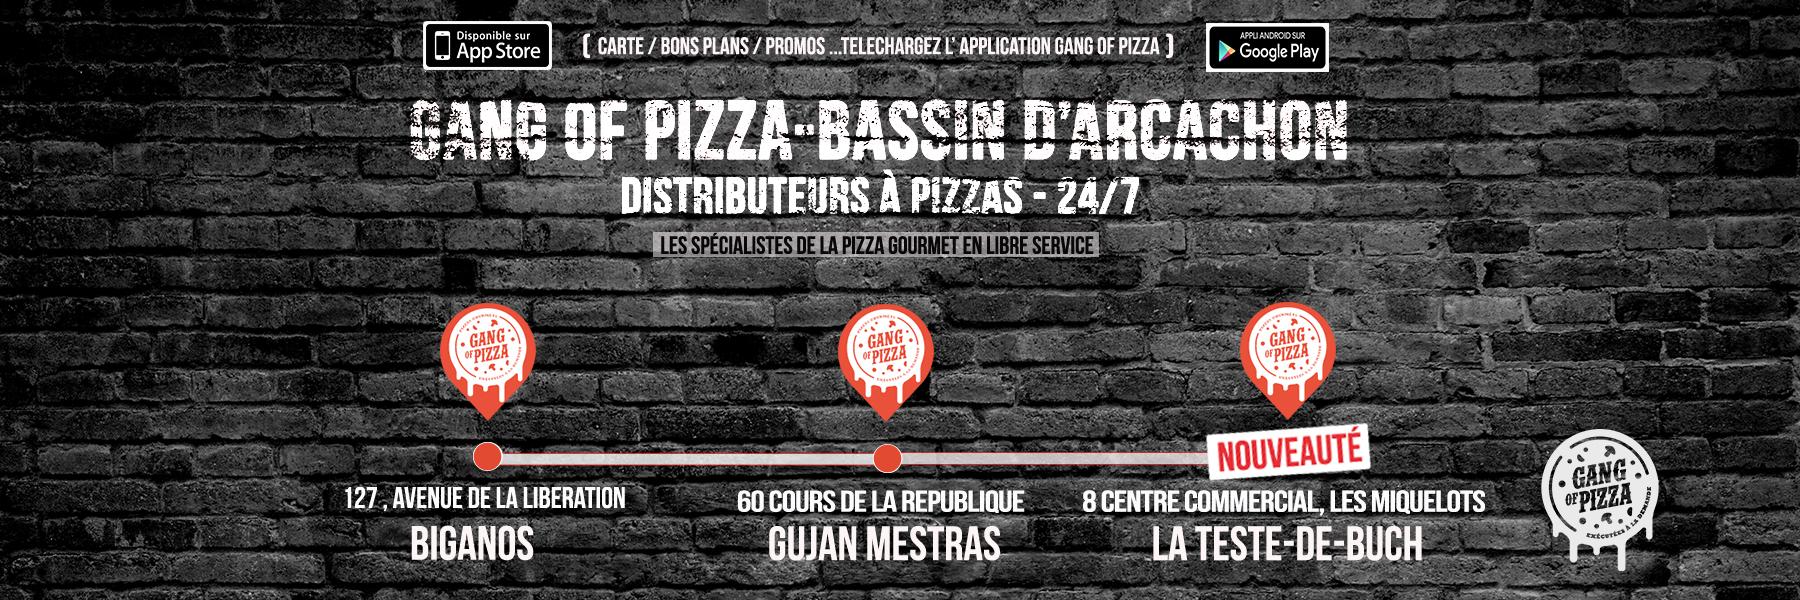 gang-of-pizza-gujan-mestras-biganos-la-teste-de-buch-arcachon-distributeurs-pizzas-24-7